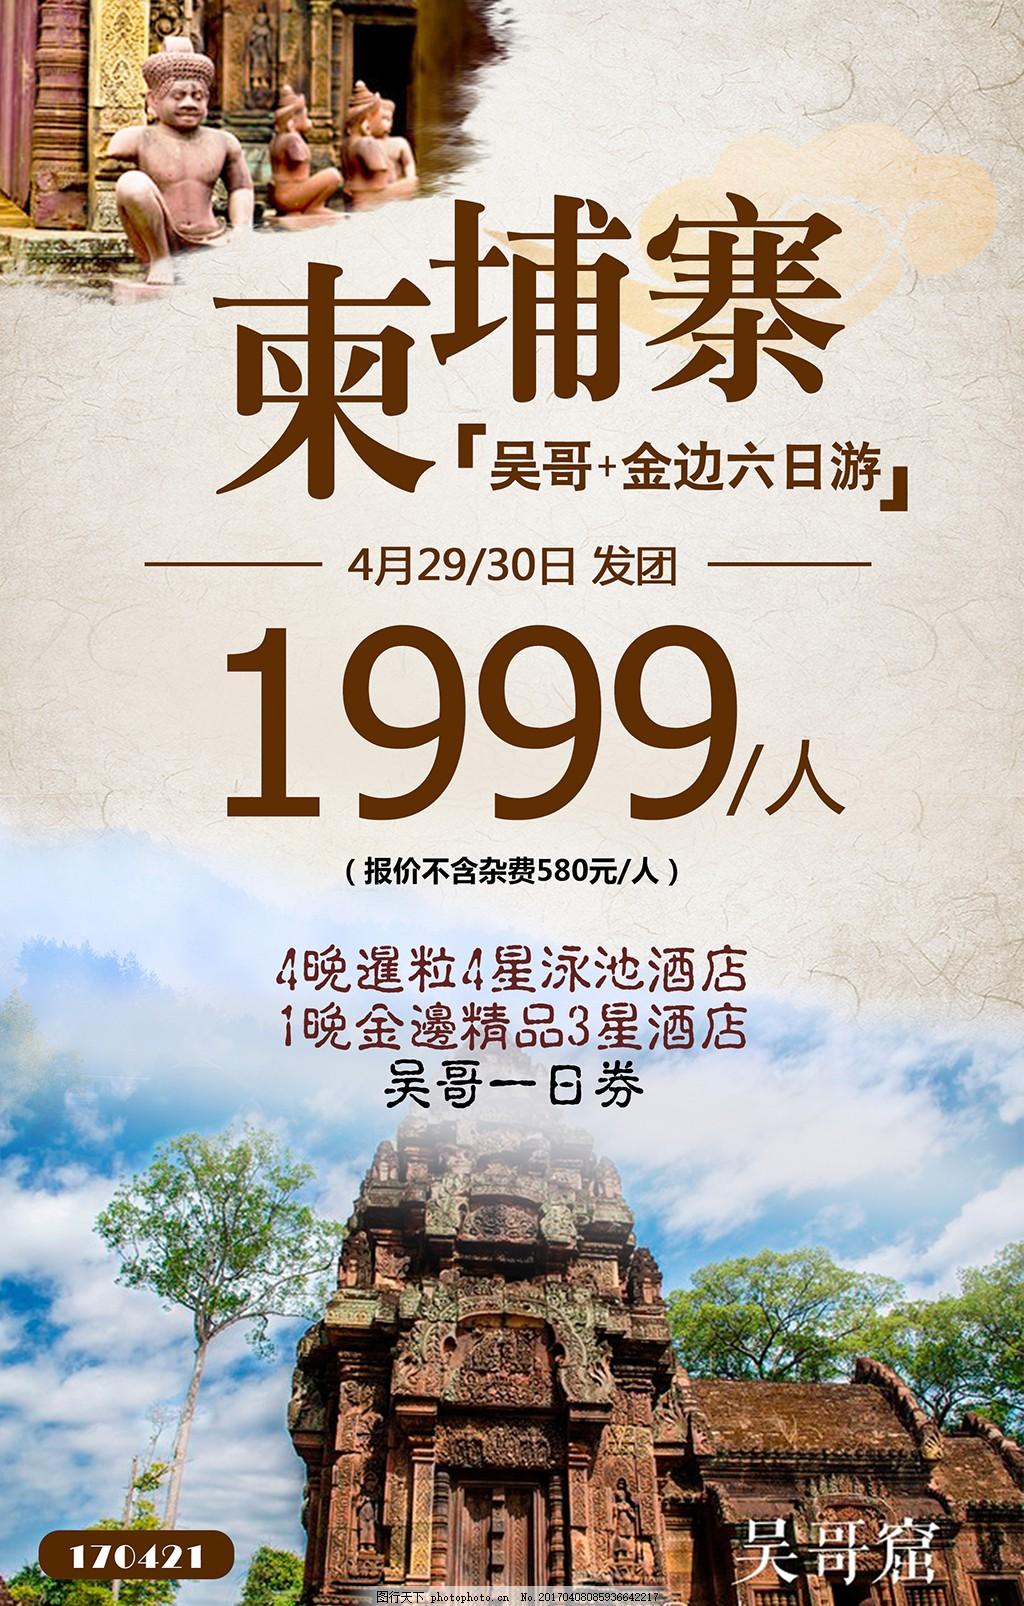 柬埔寨旅游海報